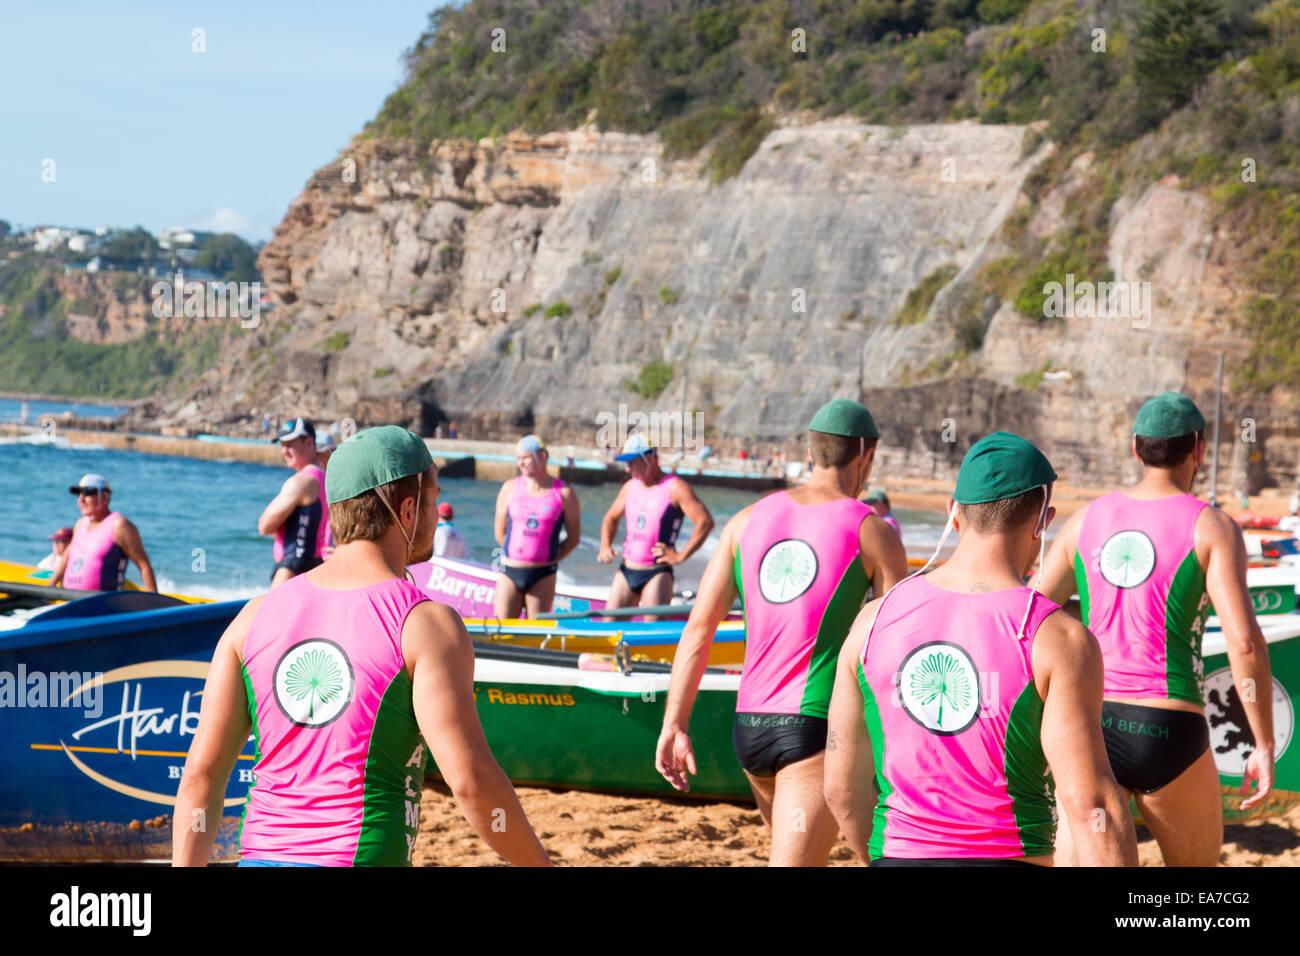 Sydney, Australia. 8 nov, 2014. Verano surfboat racing competencia entre surfclubs ubicado en playas del norte de Imagen De Stock